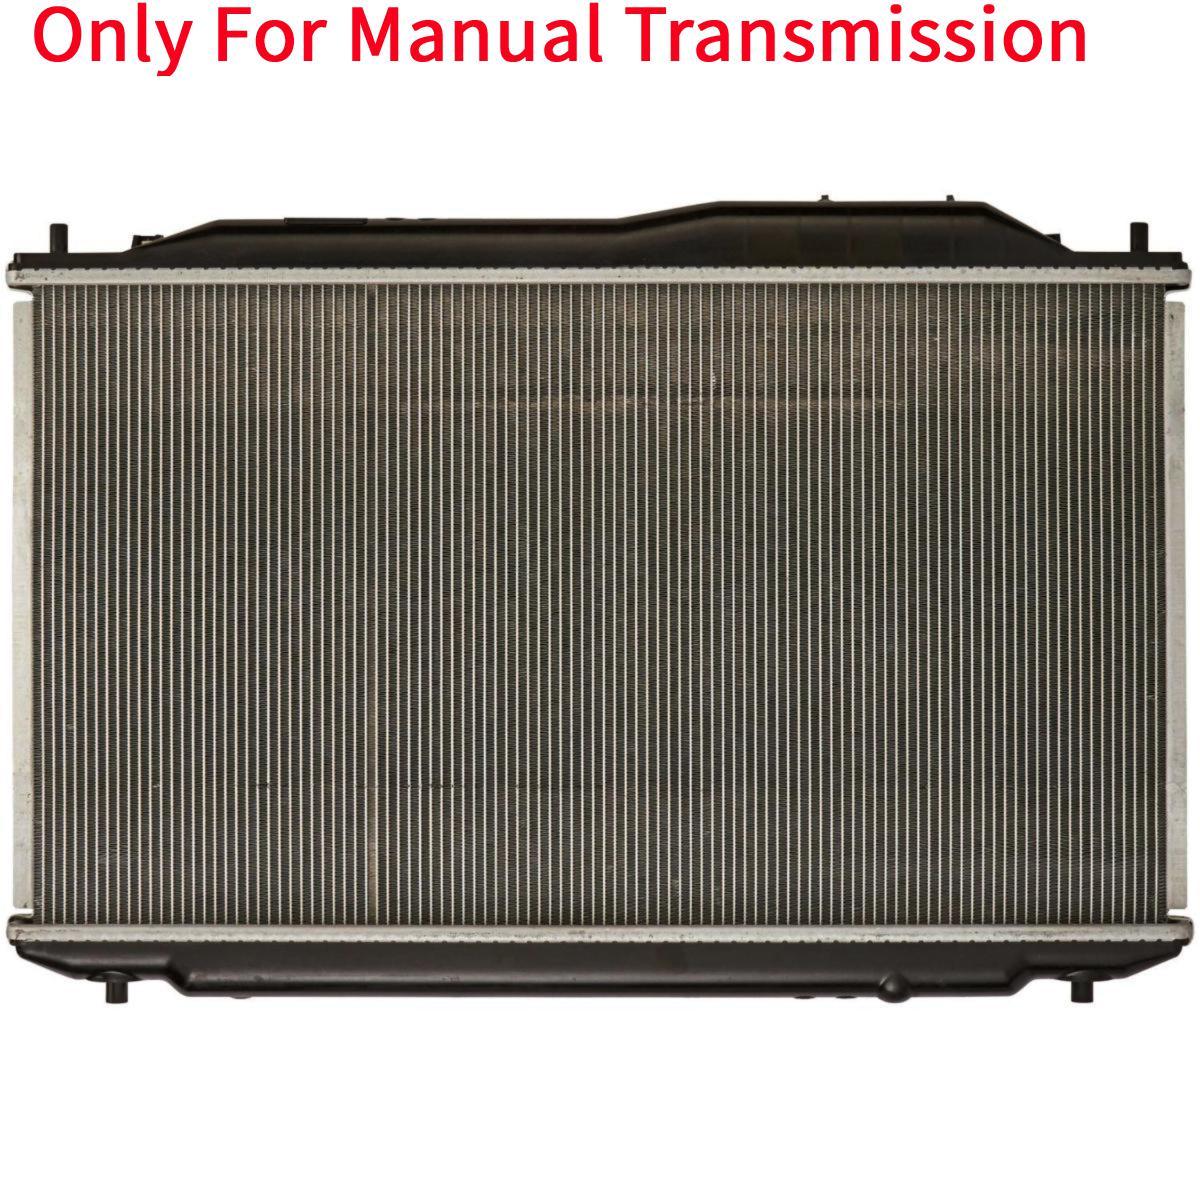 Manual Aluminum Core Radiator For 06-11 Acura CSX 2.0L 06